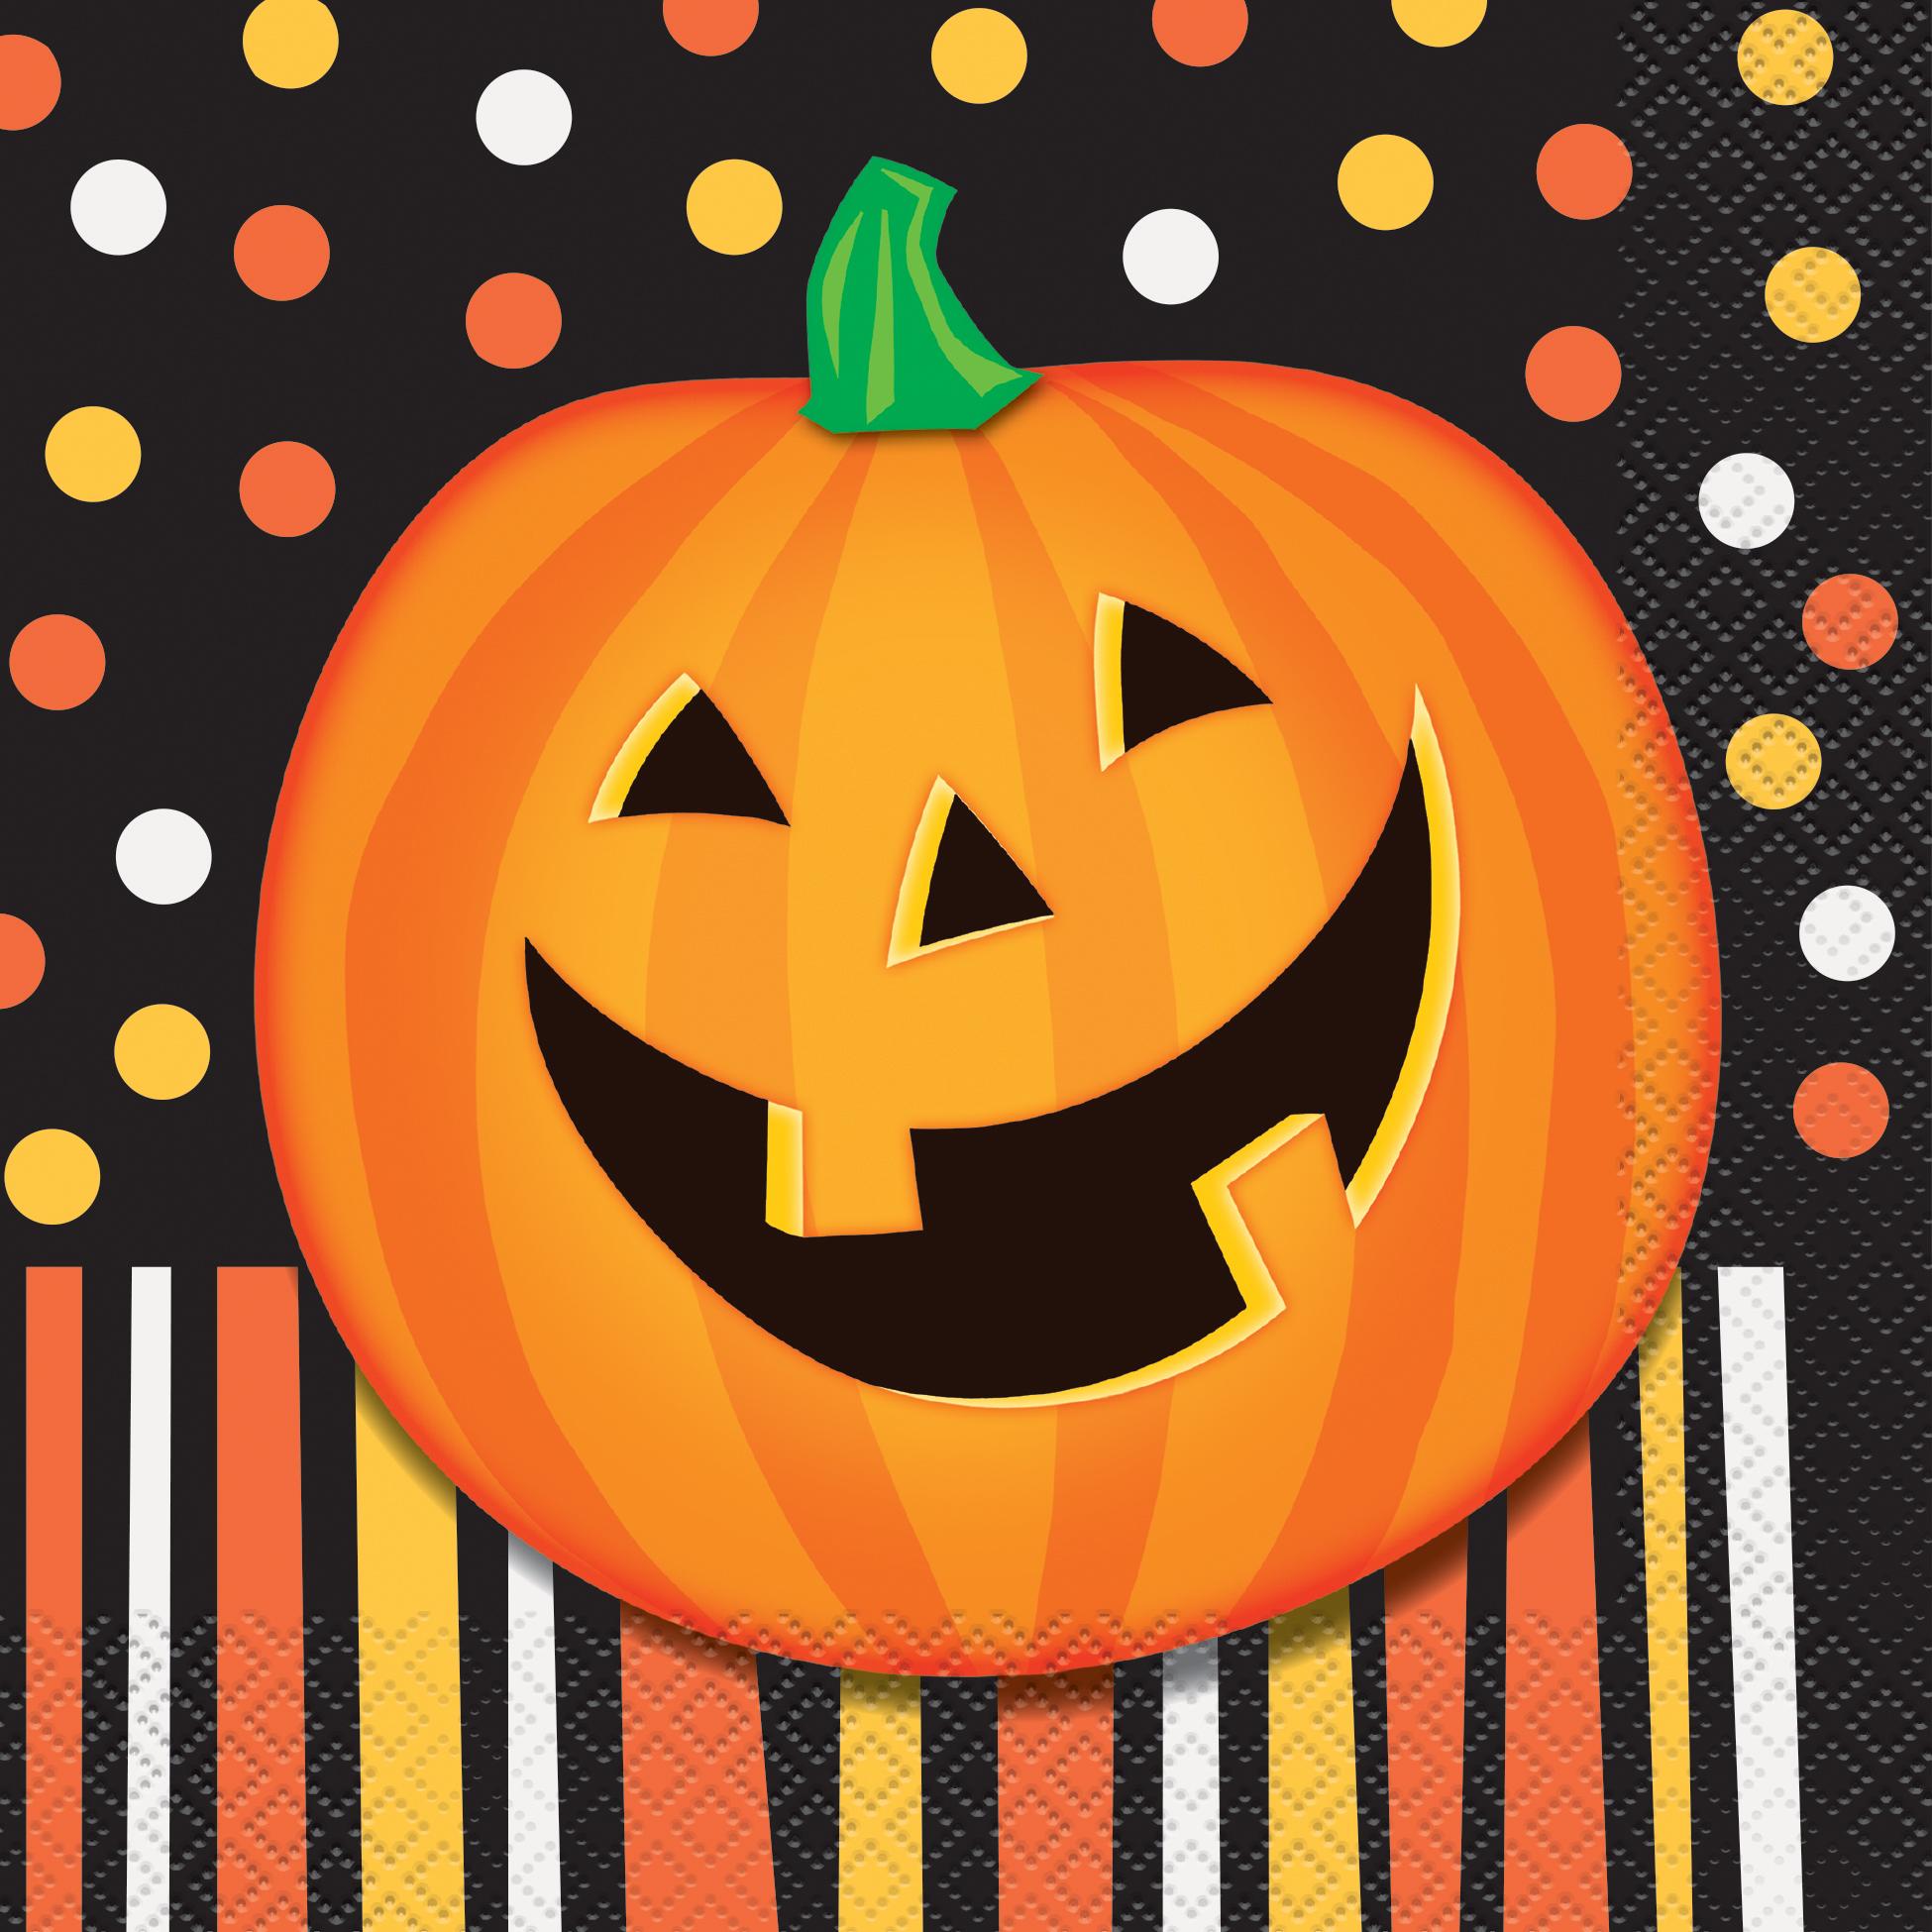 Immagine Zucca Di Halloween 94.Dettagli Su 16 X Economici Zucca Di Halloween Tovaglioli Halloween Arancione E Nero